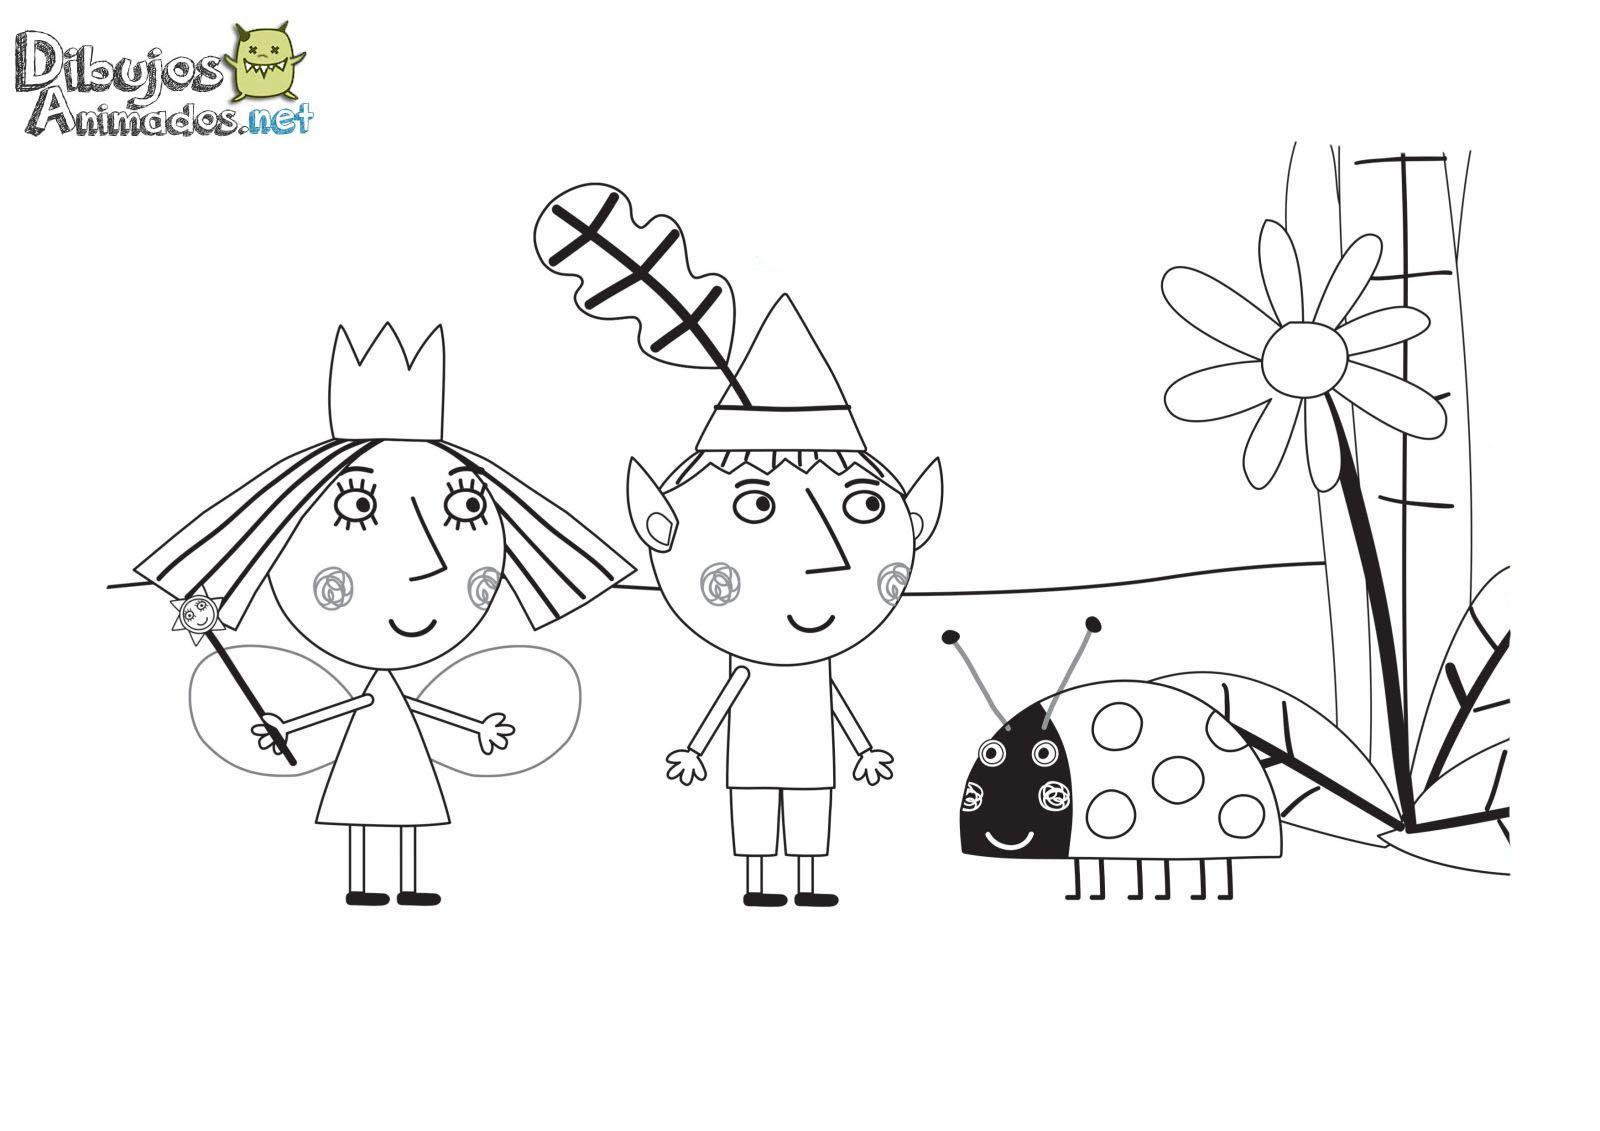 Más De 100 Dibujos Para Niños Para Descargar Imprimir Y Colorear